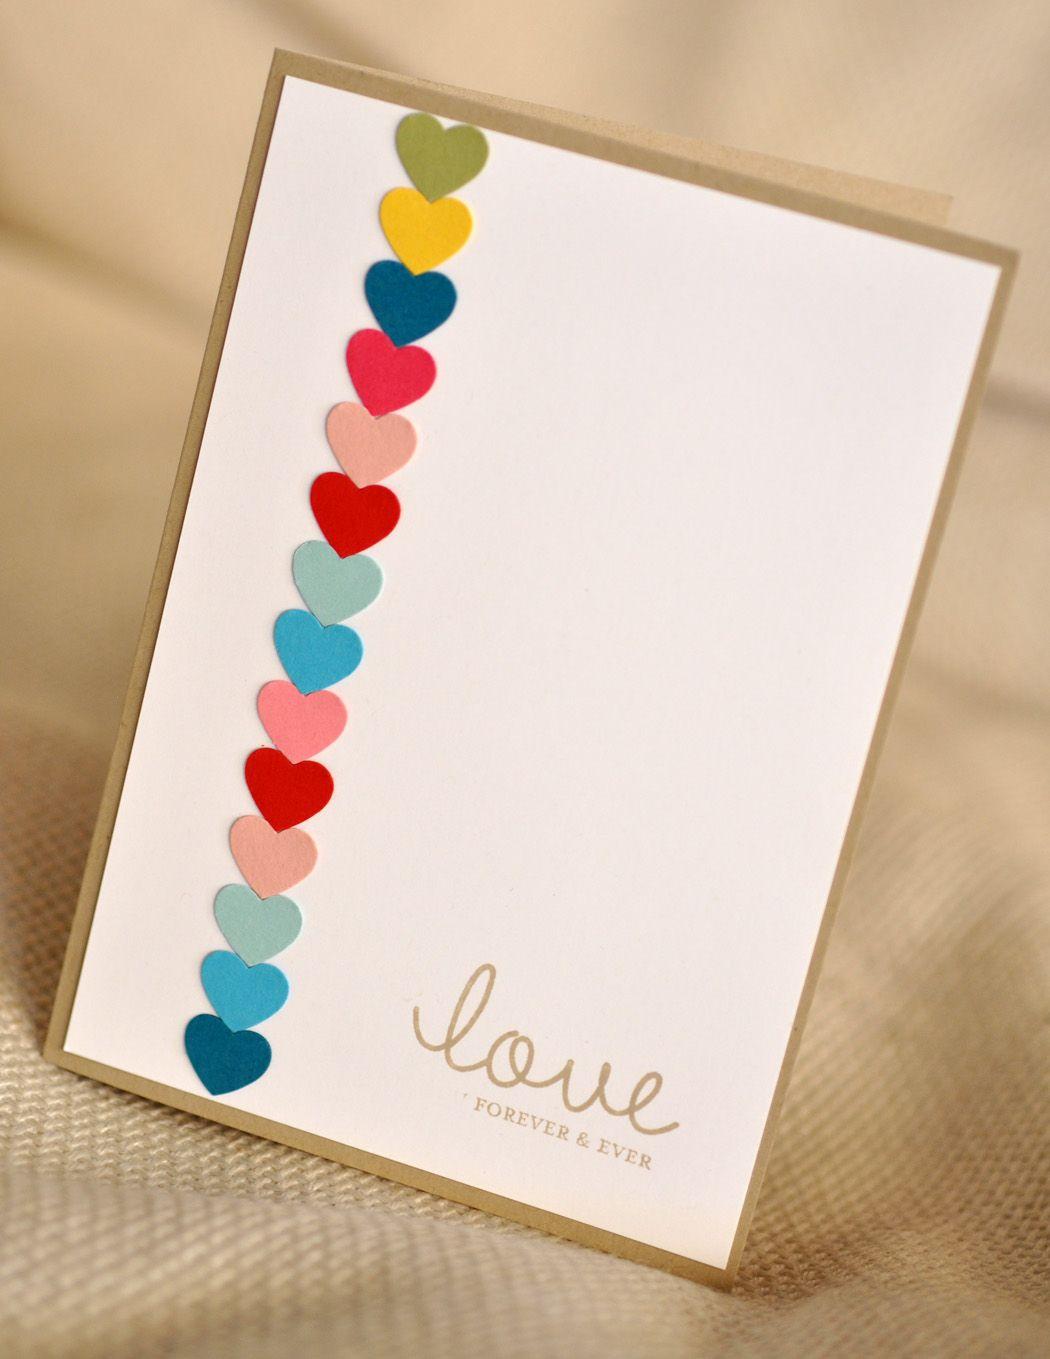 Hochzeit Karte Selber Basteln.Bunte Herzen Vday Cards Karte Hochzeit Karten Und